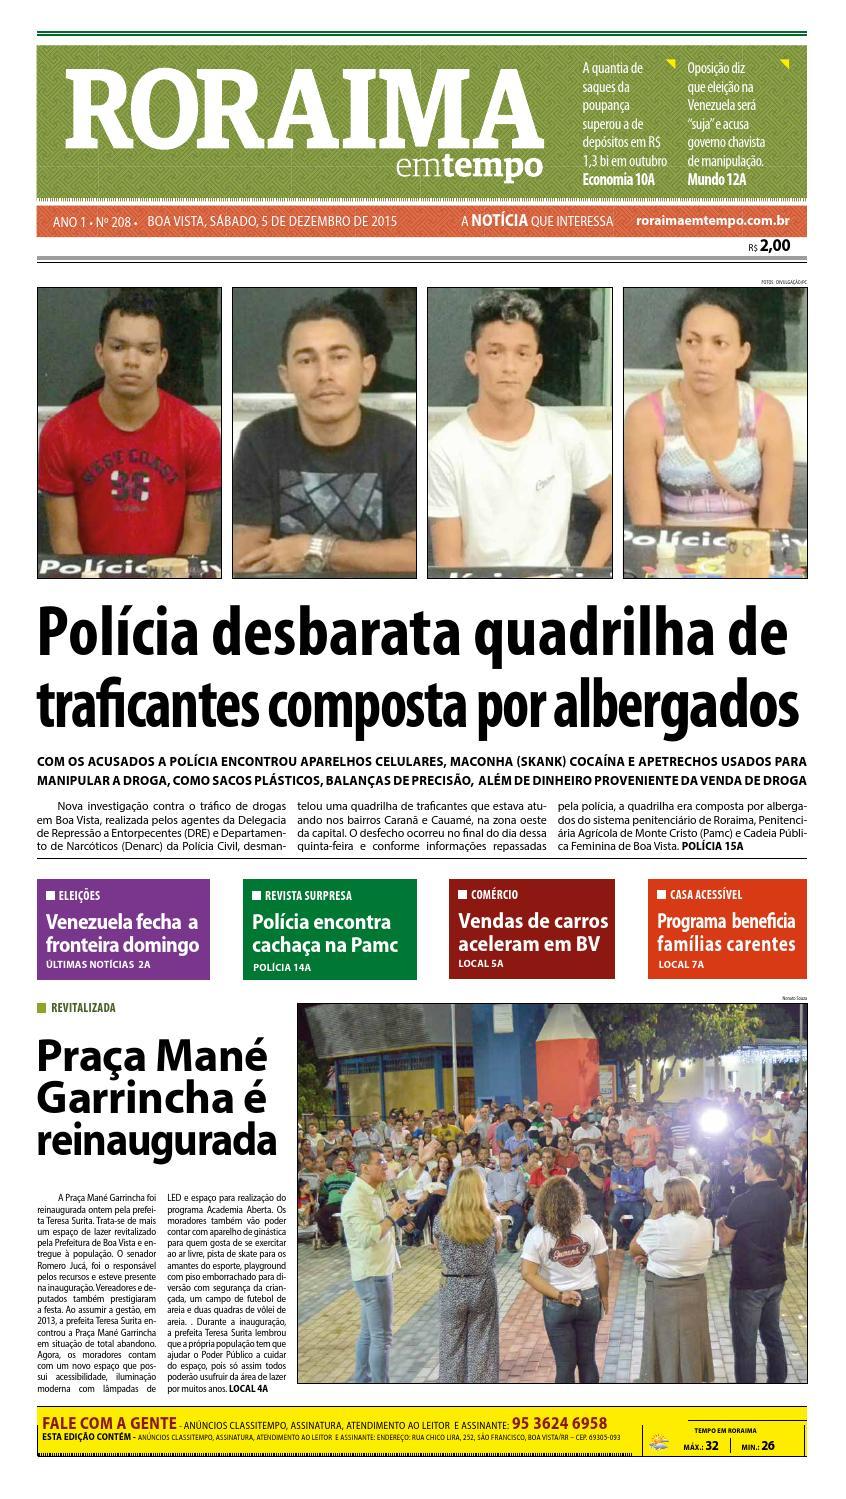 ... b77b4c2b823 Jornal roraima em tempo – edição 208 – período de  visualização gratuito by RoraimaEmTempo ... b0b7919c6e31a